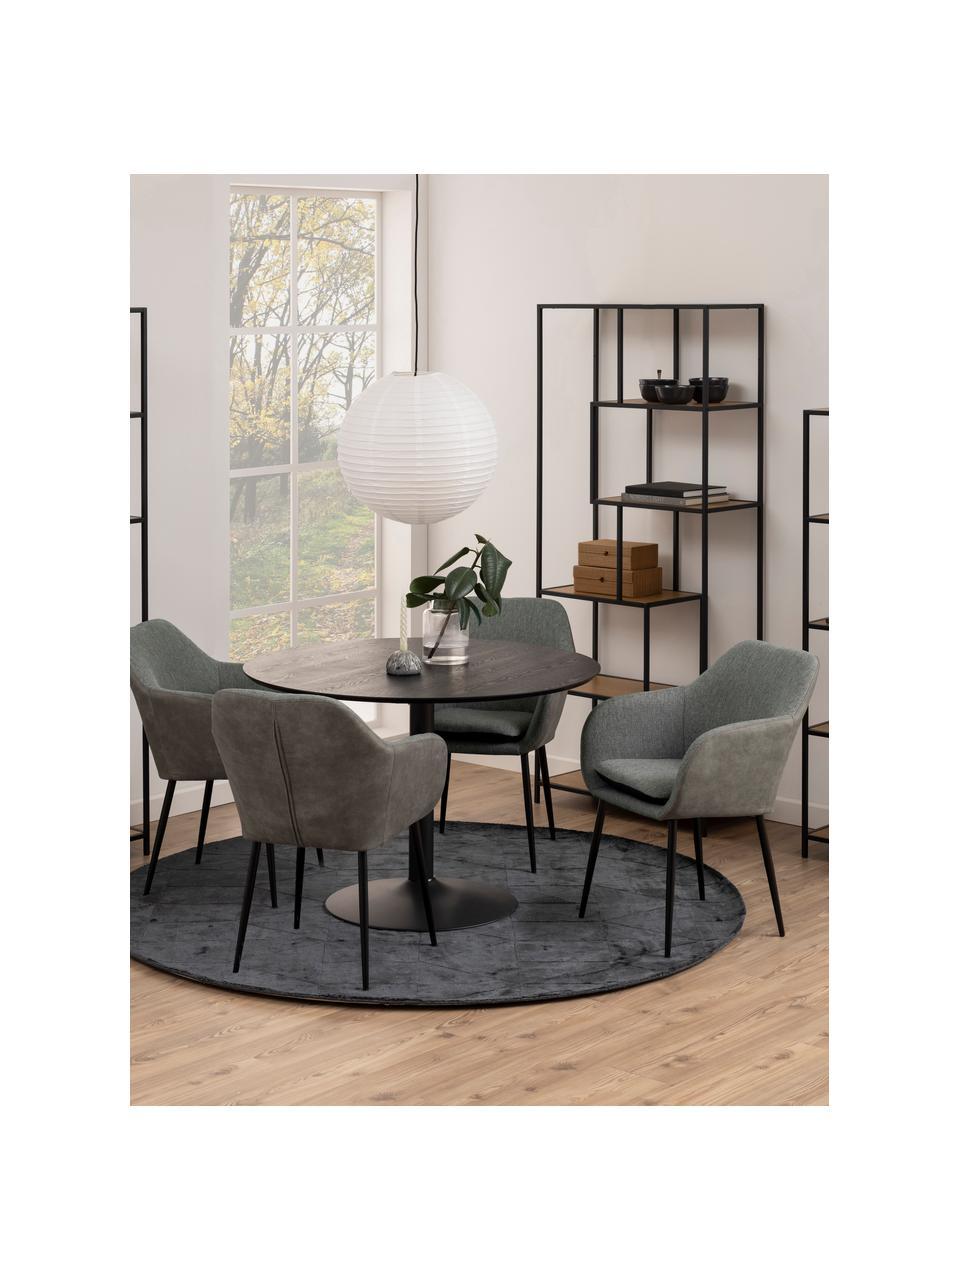 Krzesło z podłokietnikami i metalowymi nogami Emilia, Tapicerka: poliester, Nogi: metal lakierowany, Szary, czarny, S 57 x G 59 cm